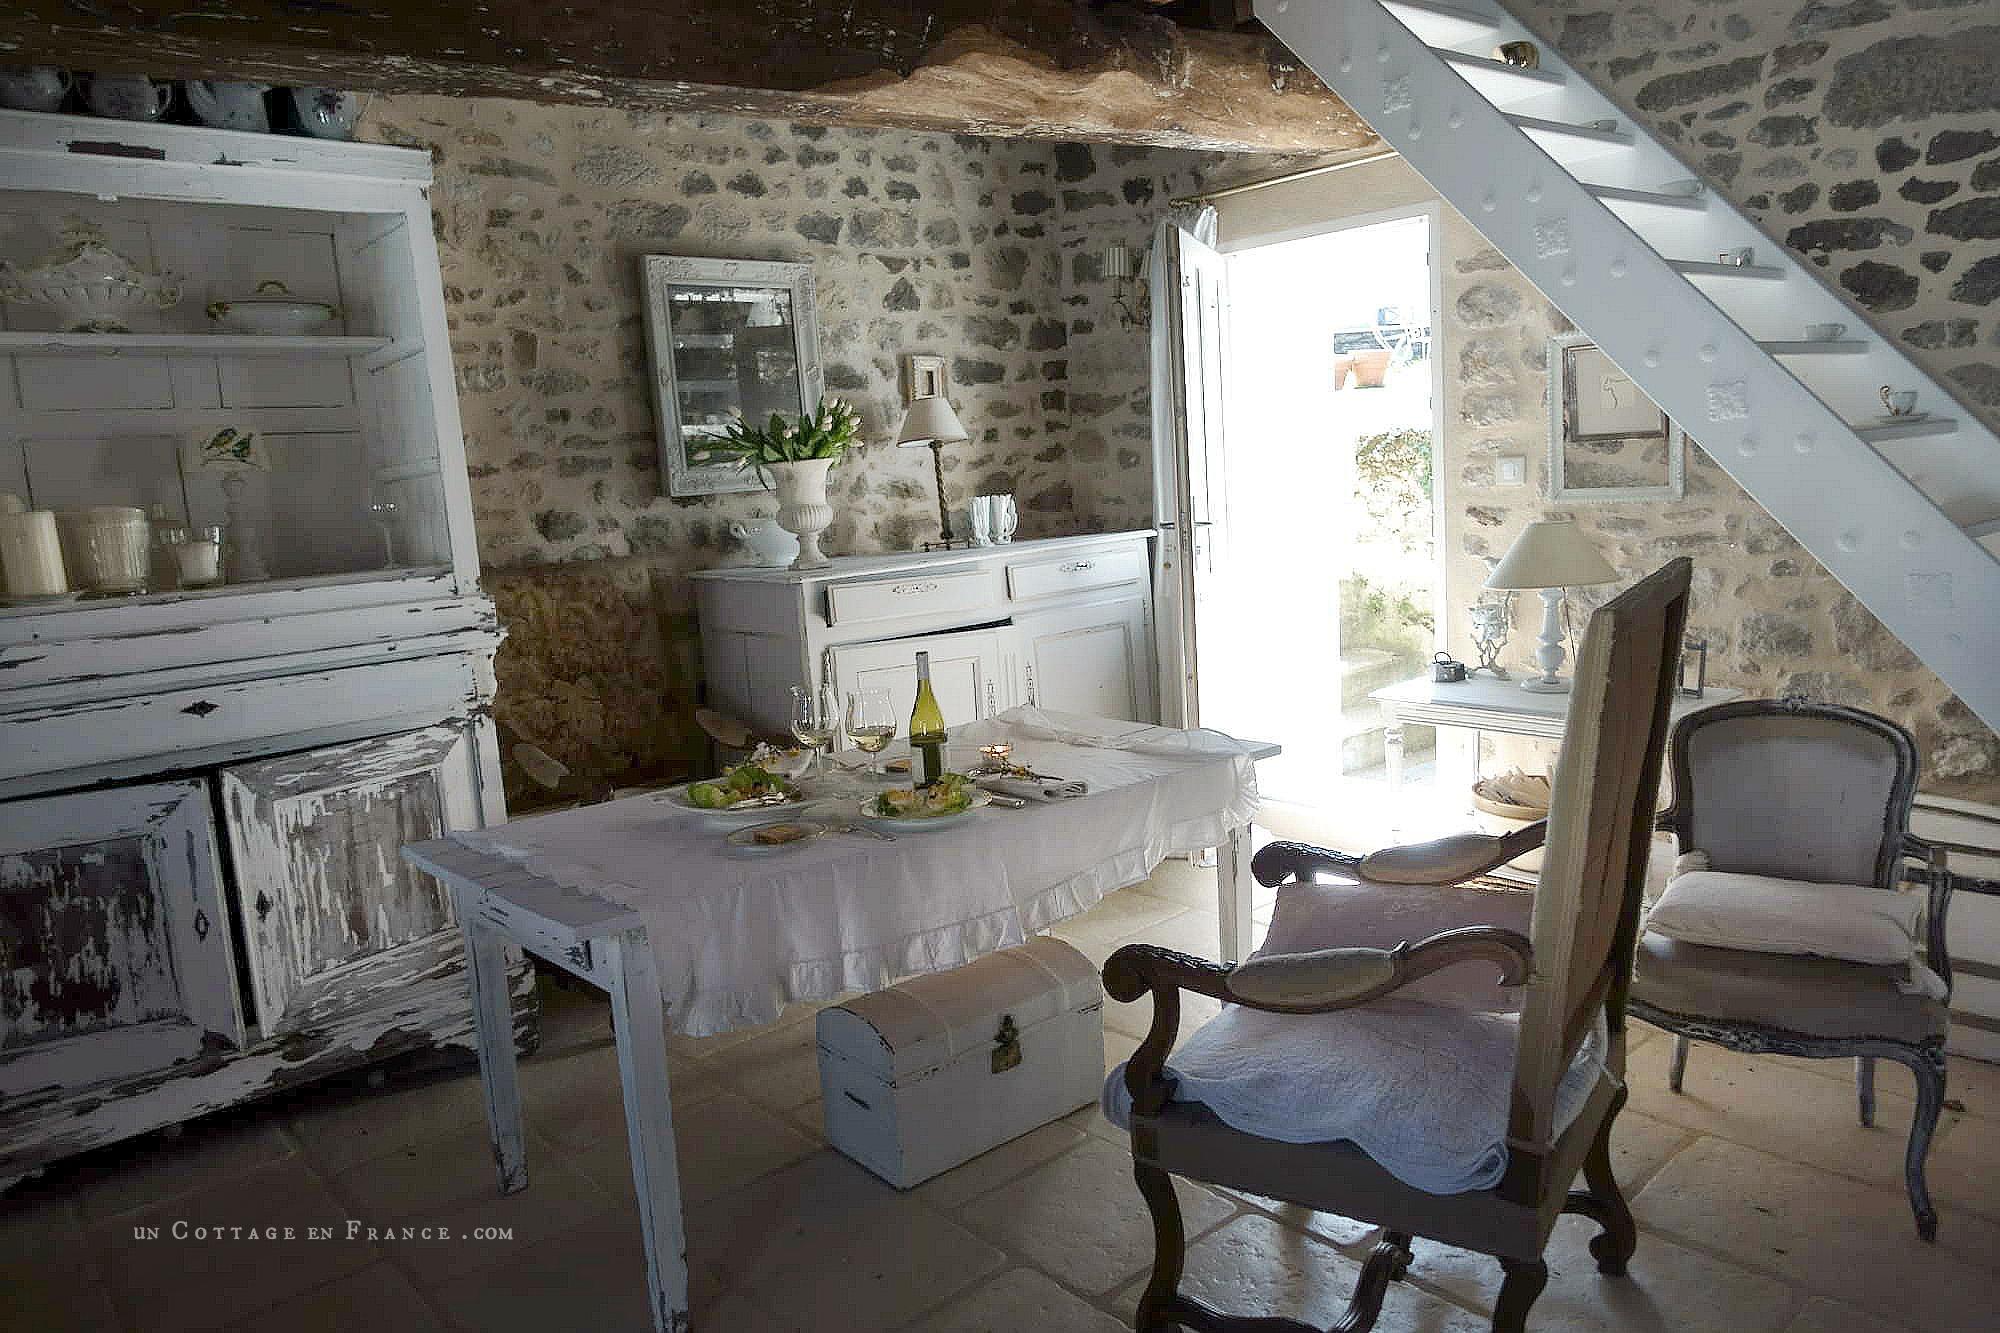 Déjeuner de Paques un Cottage en France Oeufs mimosas 5